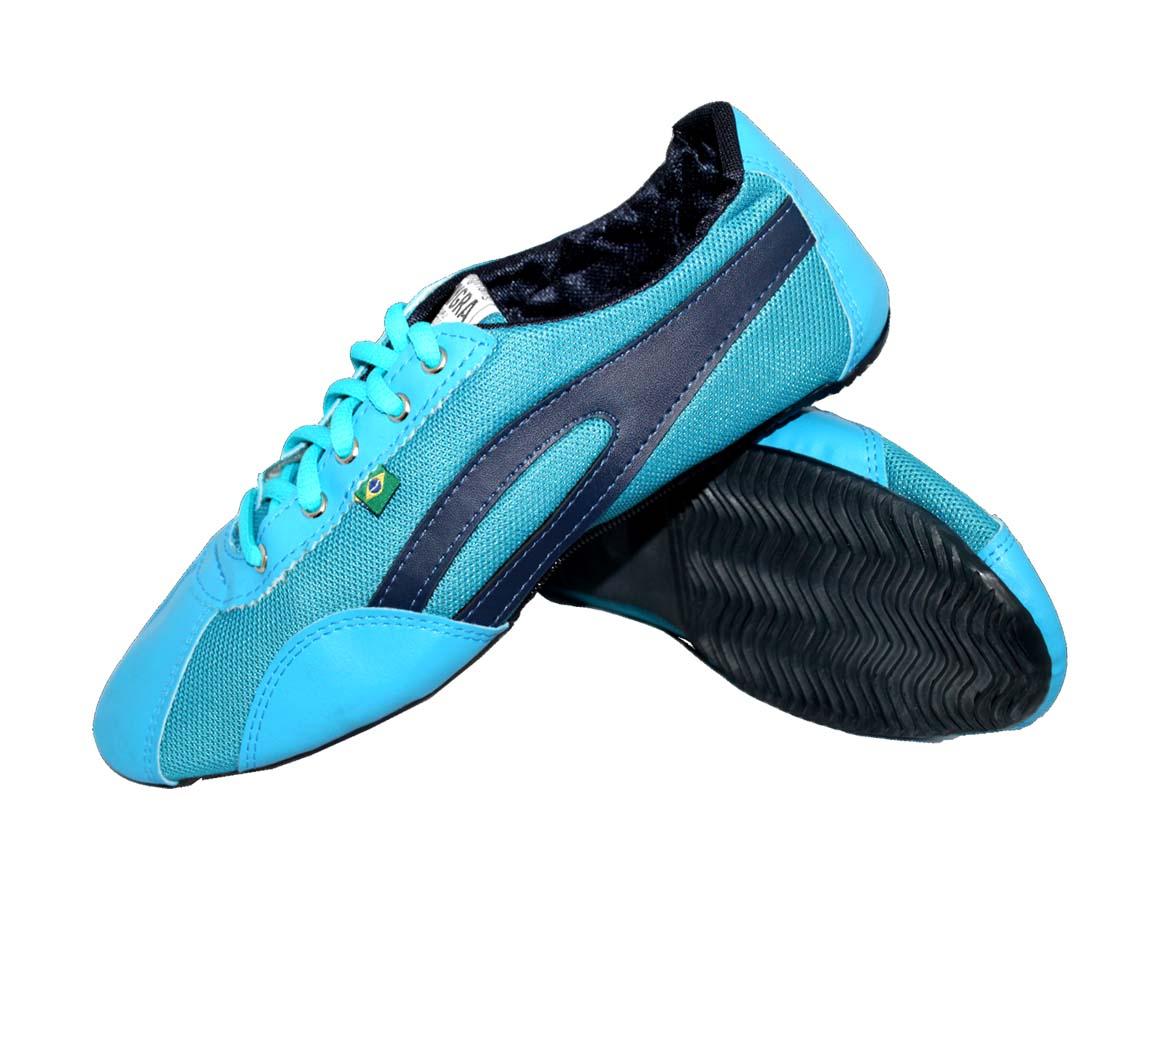 Chaussure Bleue Slim Bleue/Marine